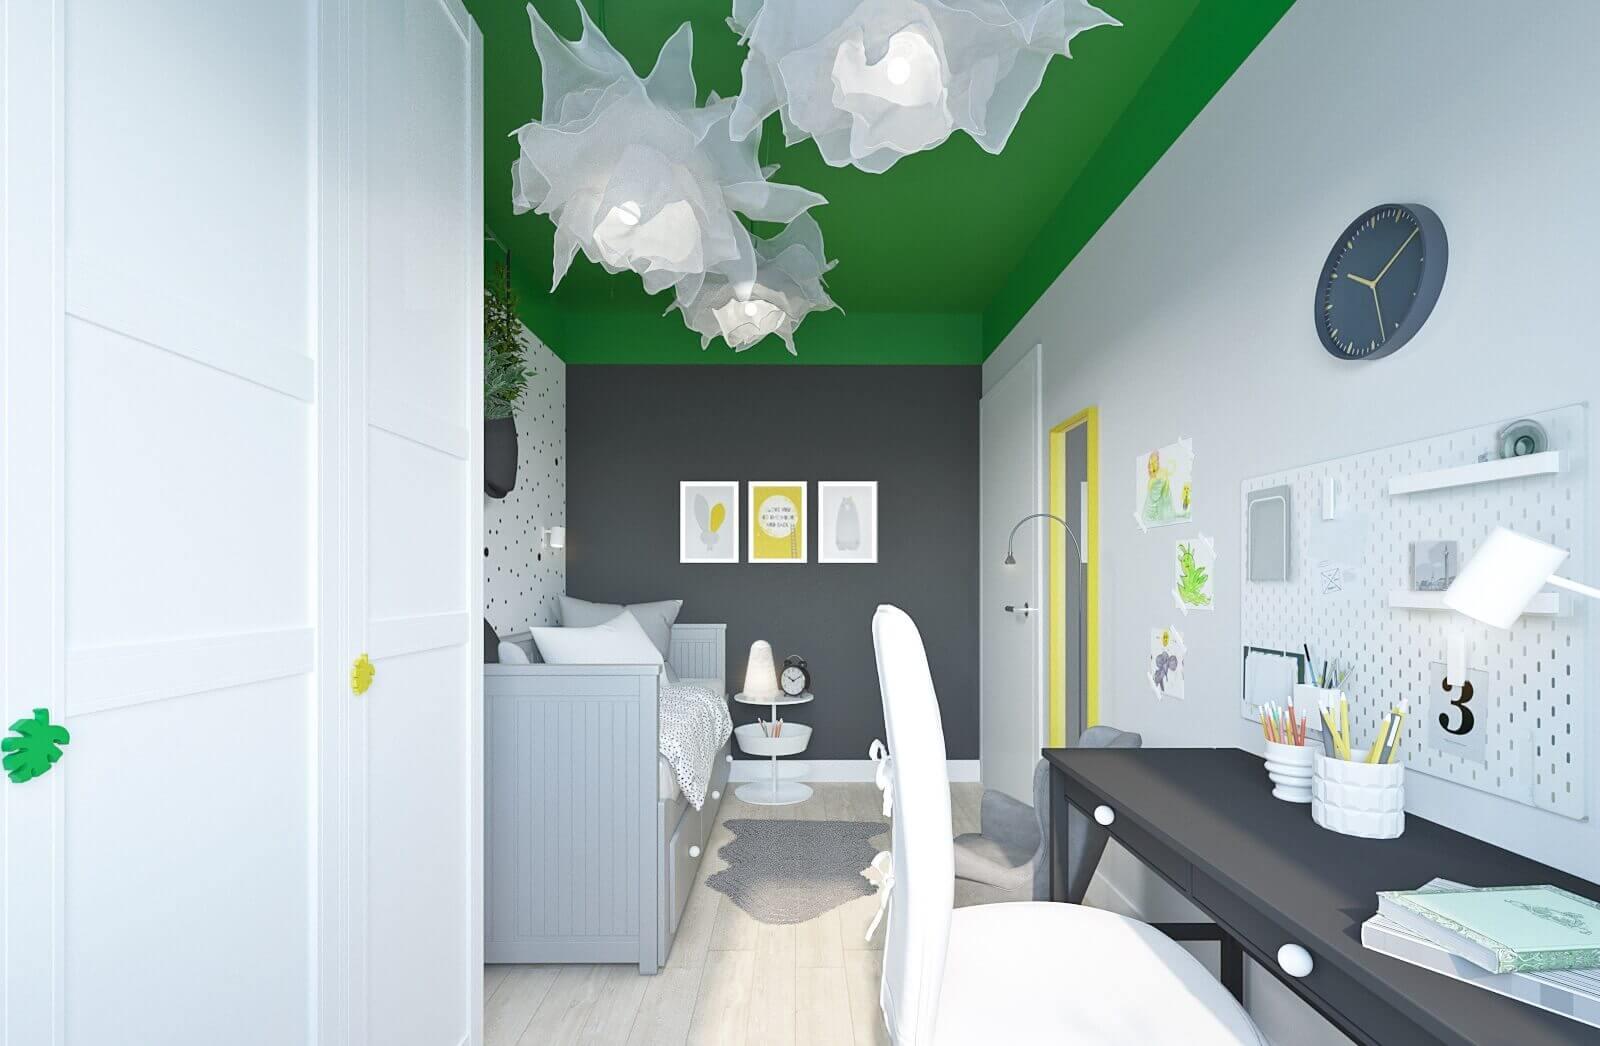 projekt małego pokoju dla 8 letniej dziewczynki z mebli ikea mroomy